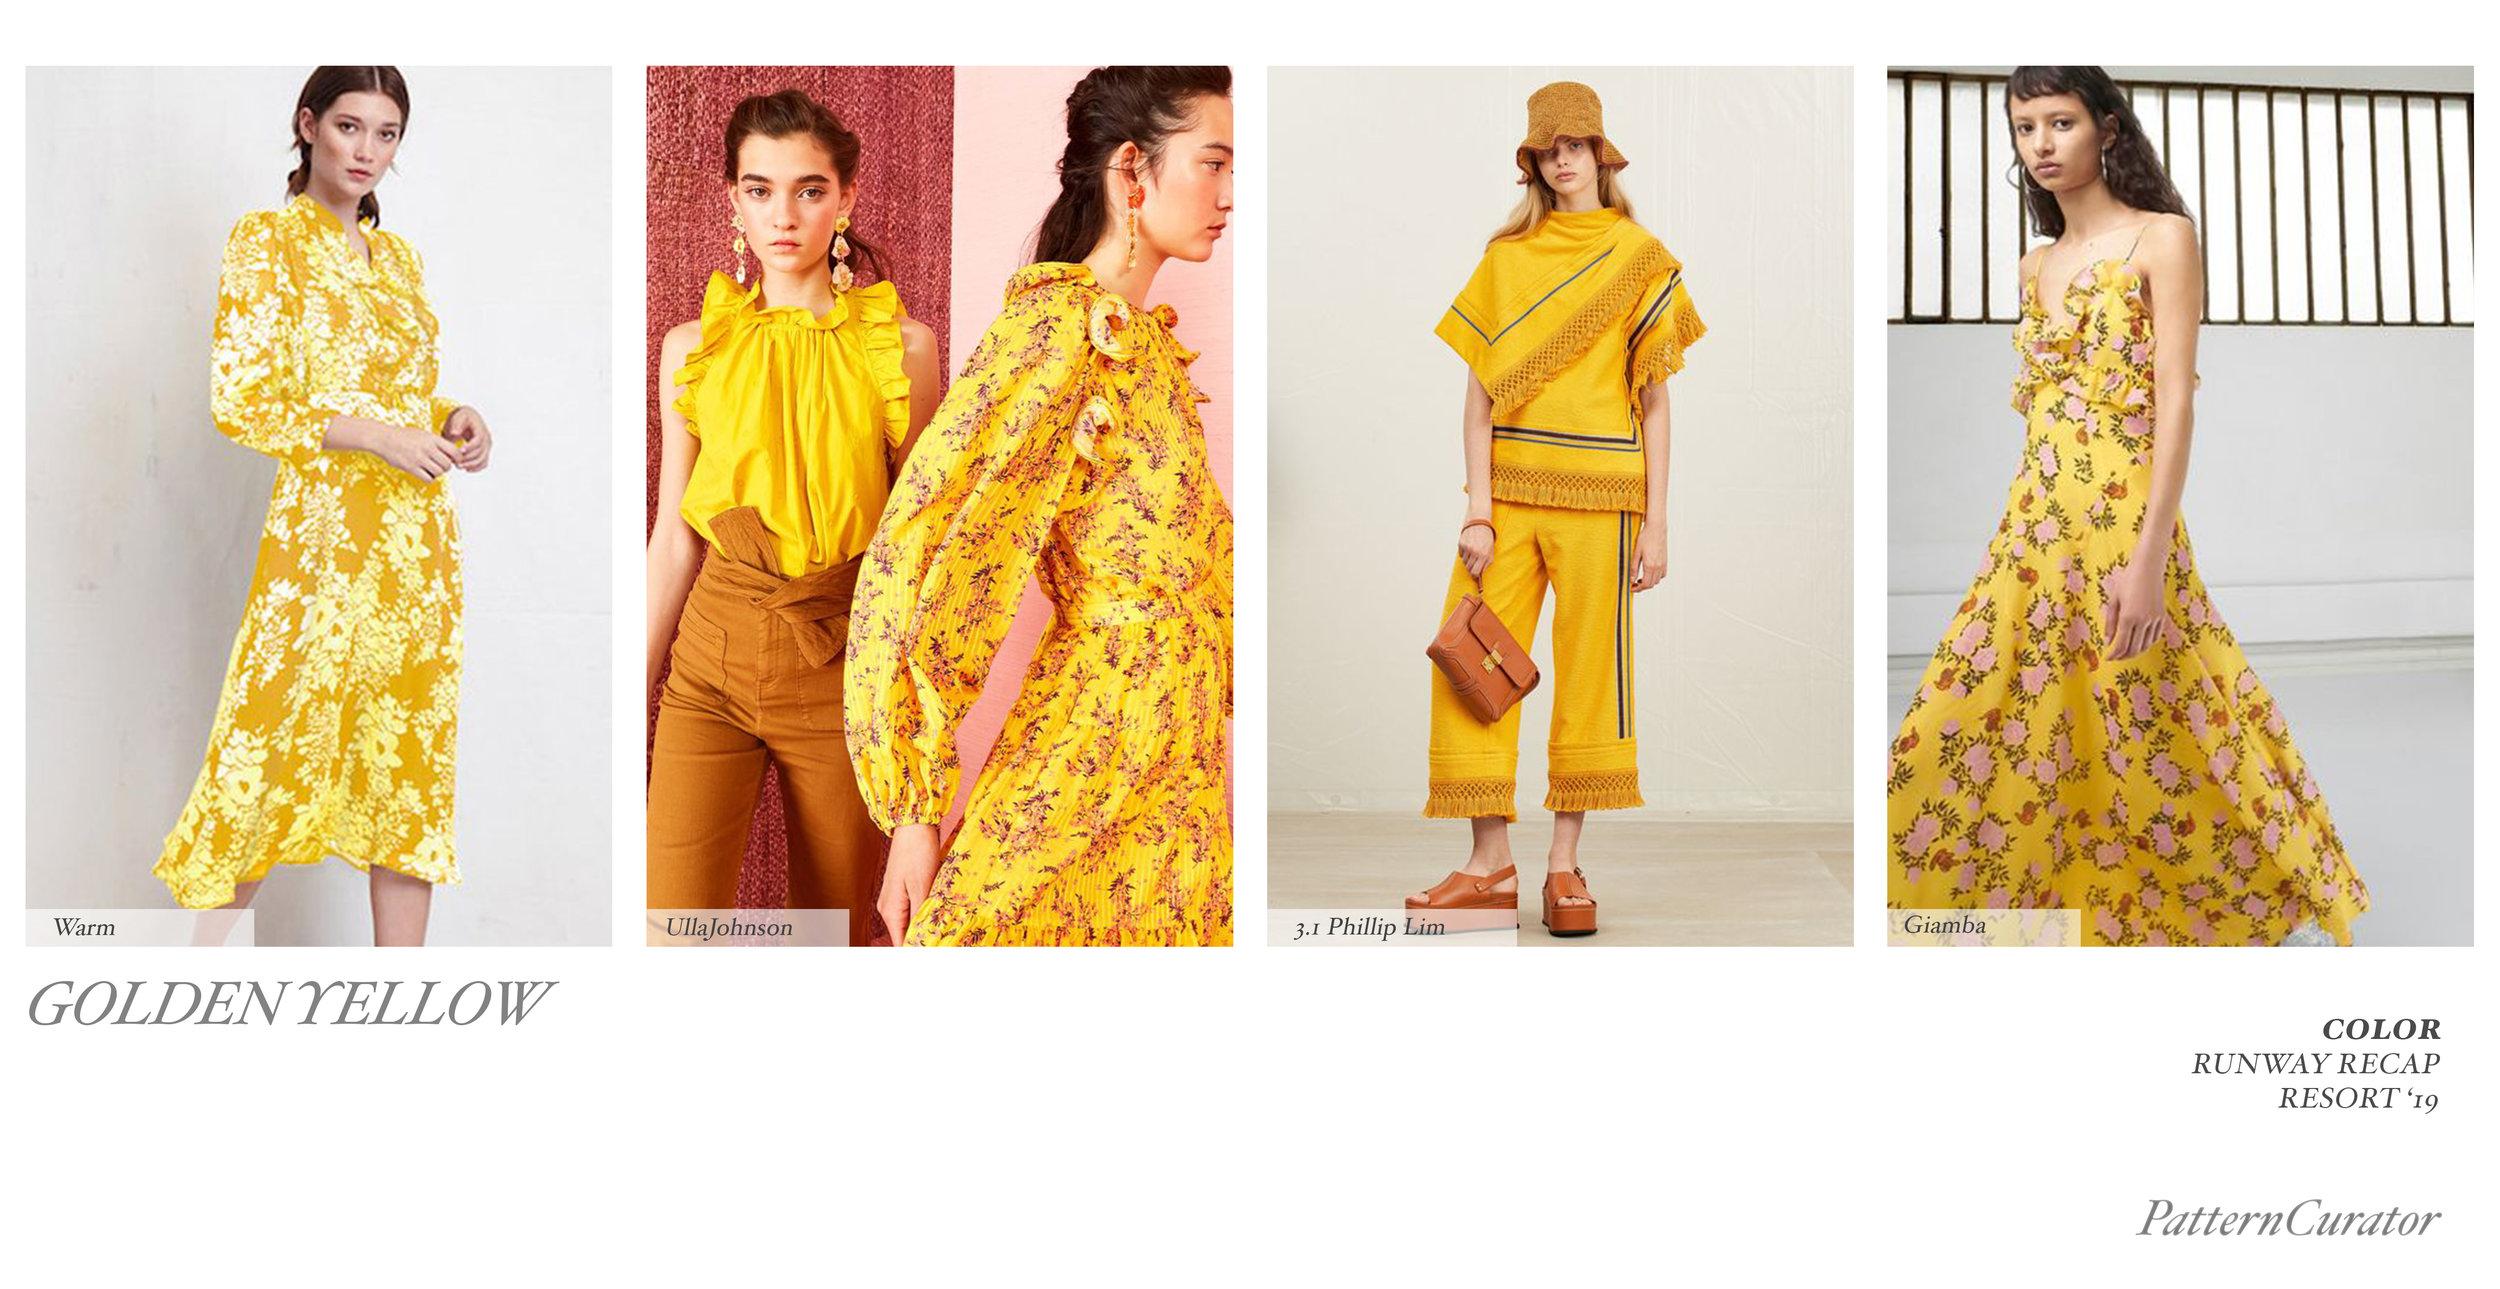 color-GOLDEN-YELLOW.jpg